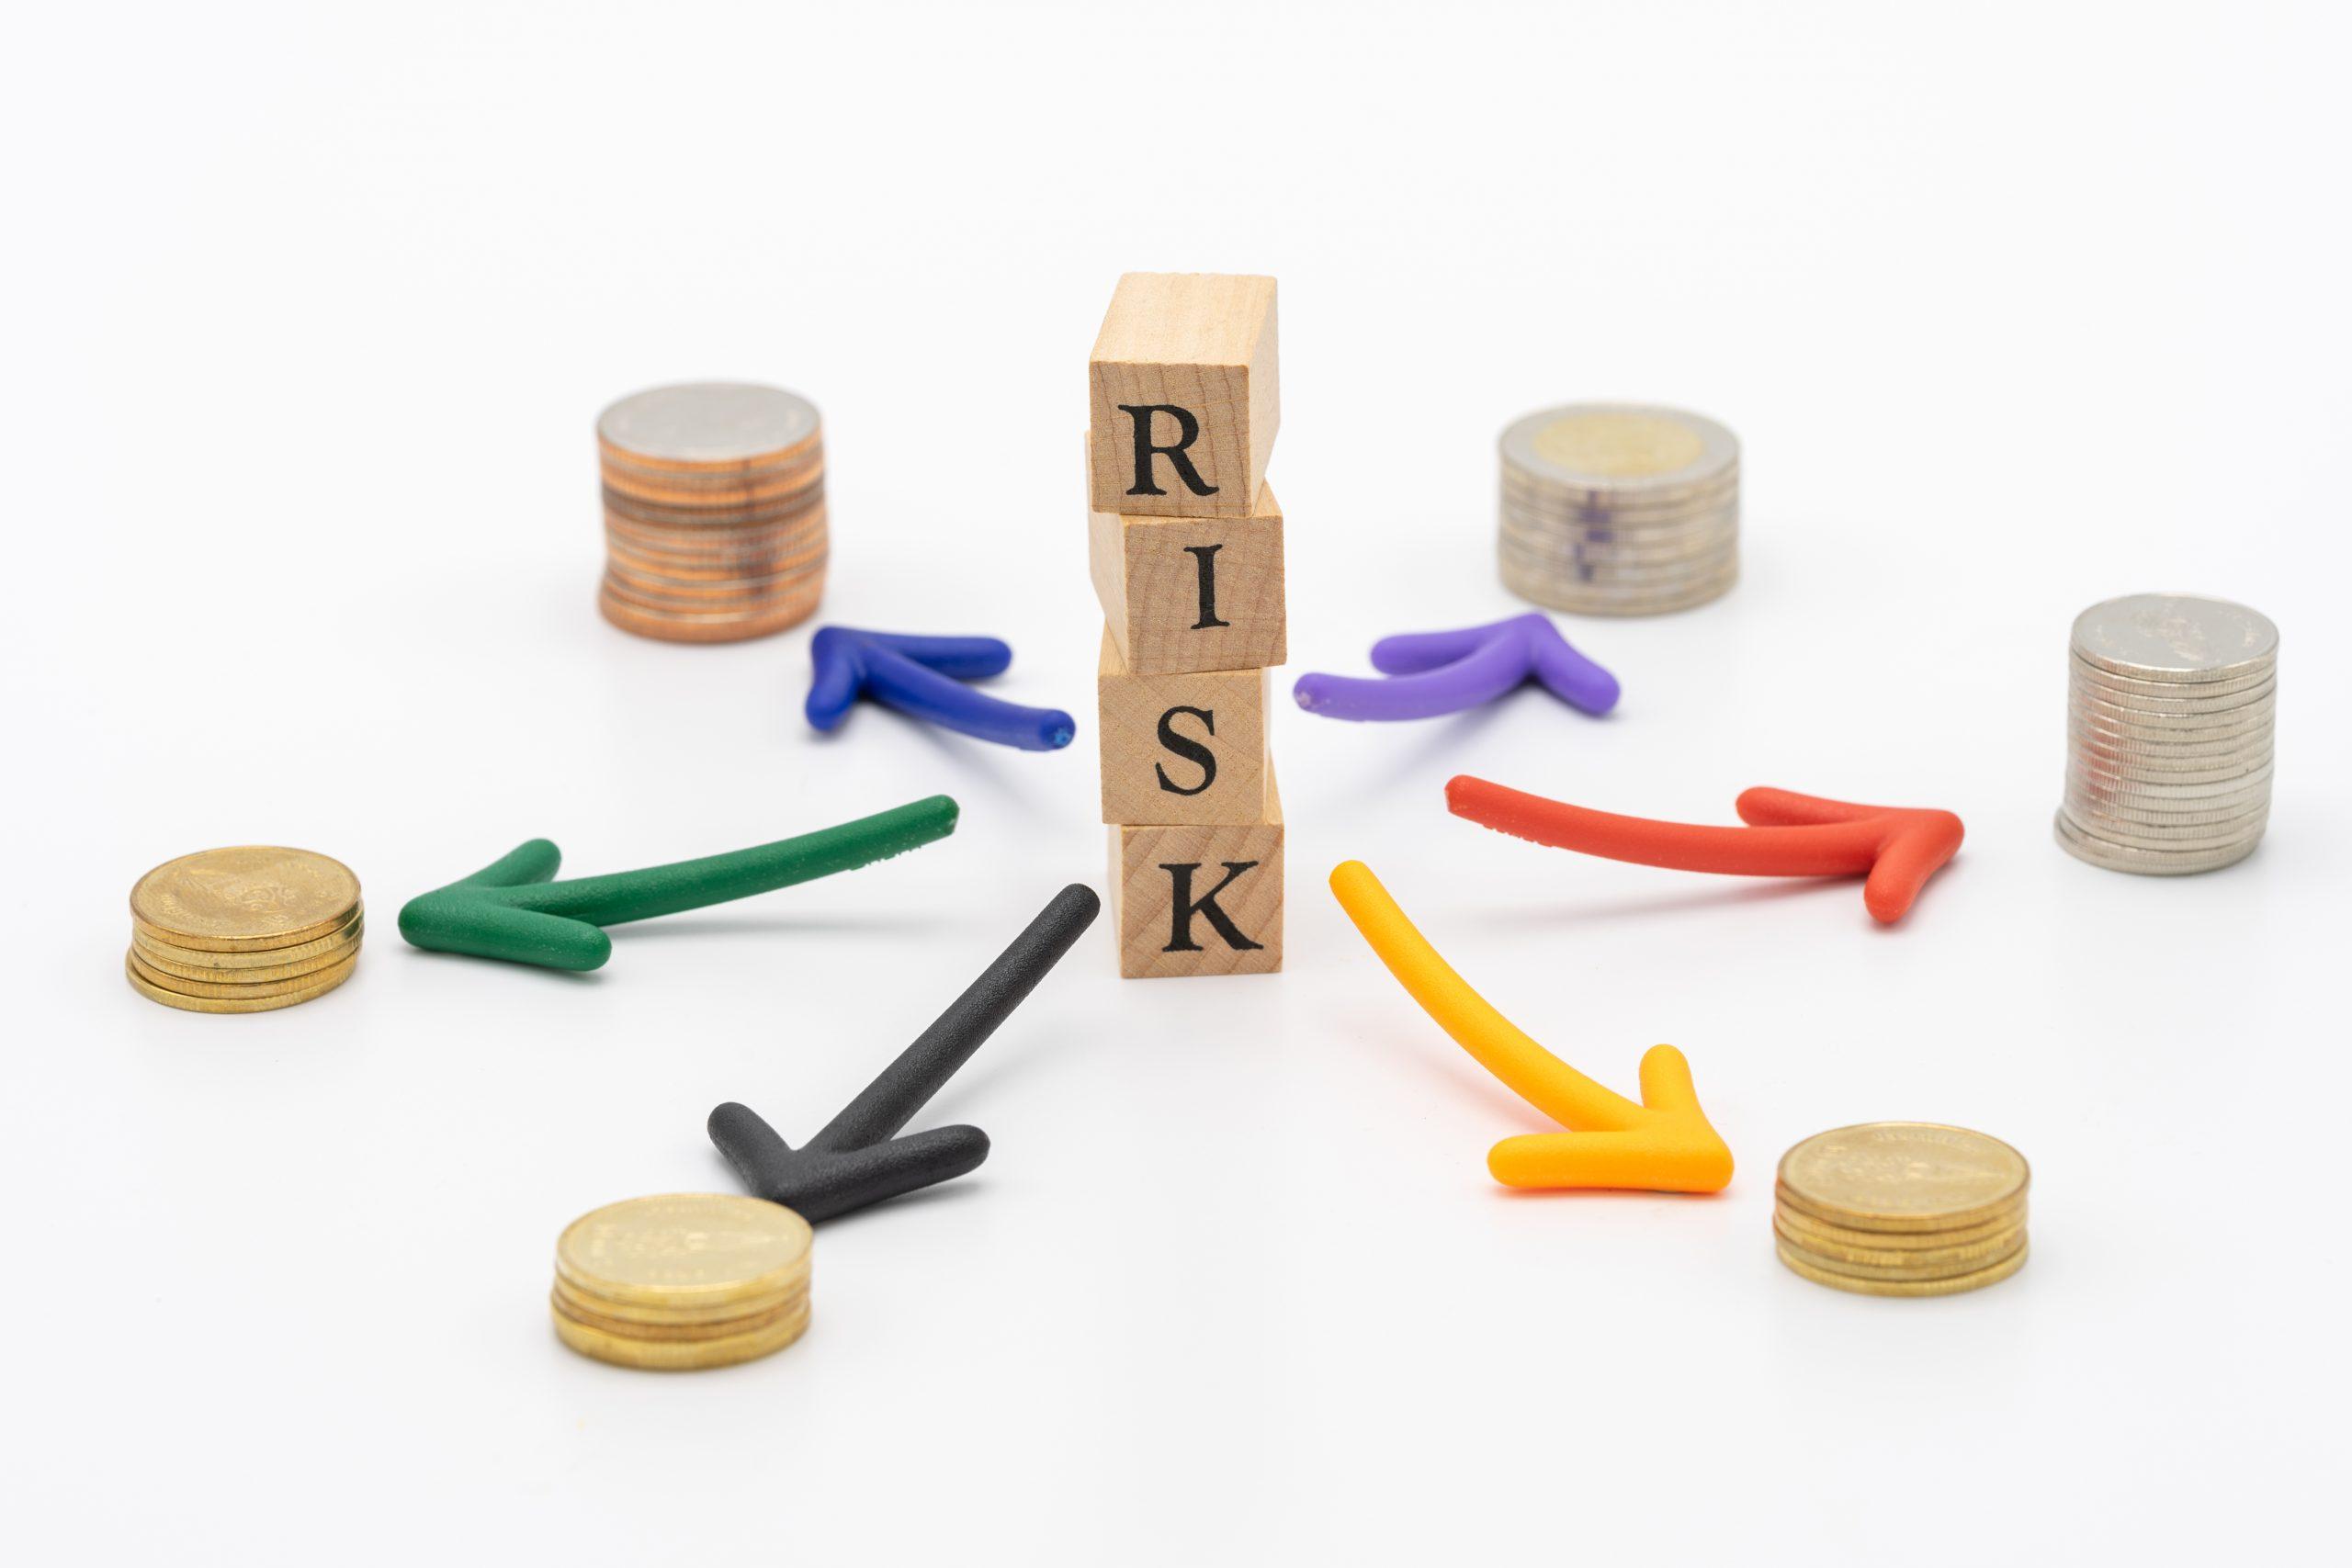 Bài 1: Đa dạng hóa Tài sản trong Danh mục Đầu tư